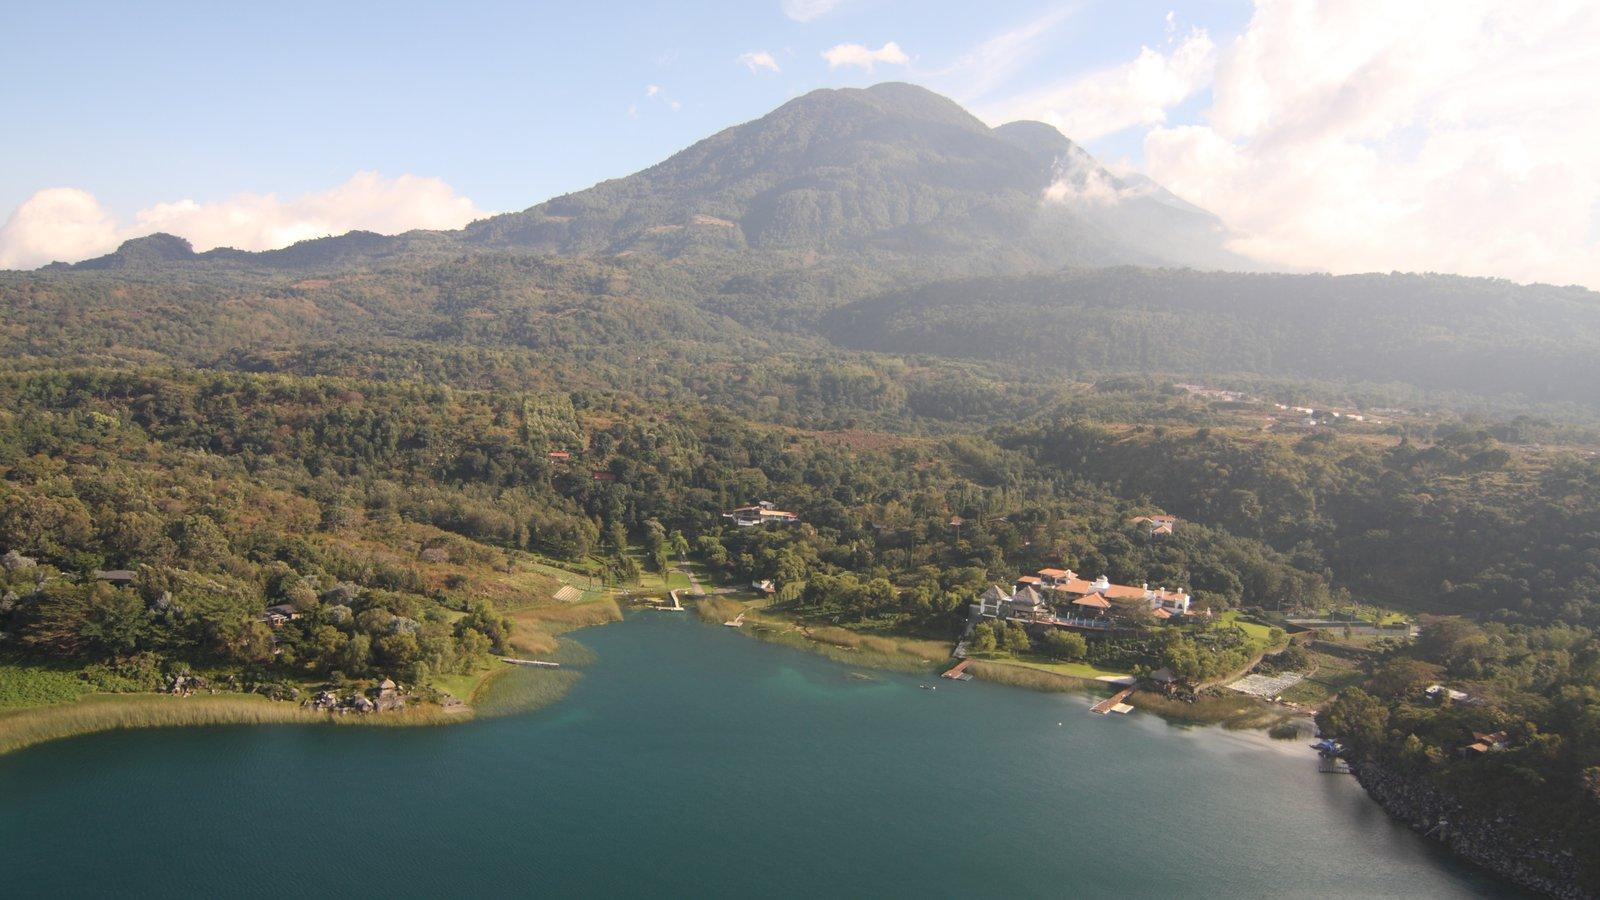 Lago de Atitlán que incluye montañas, vistas de paisajes y un lago o abrevadero